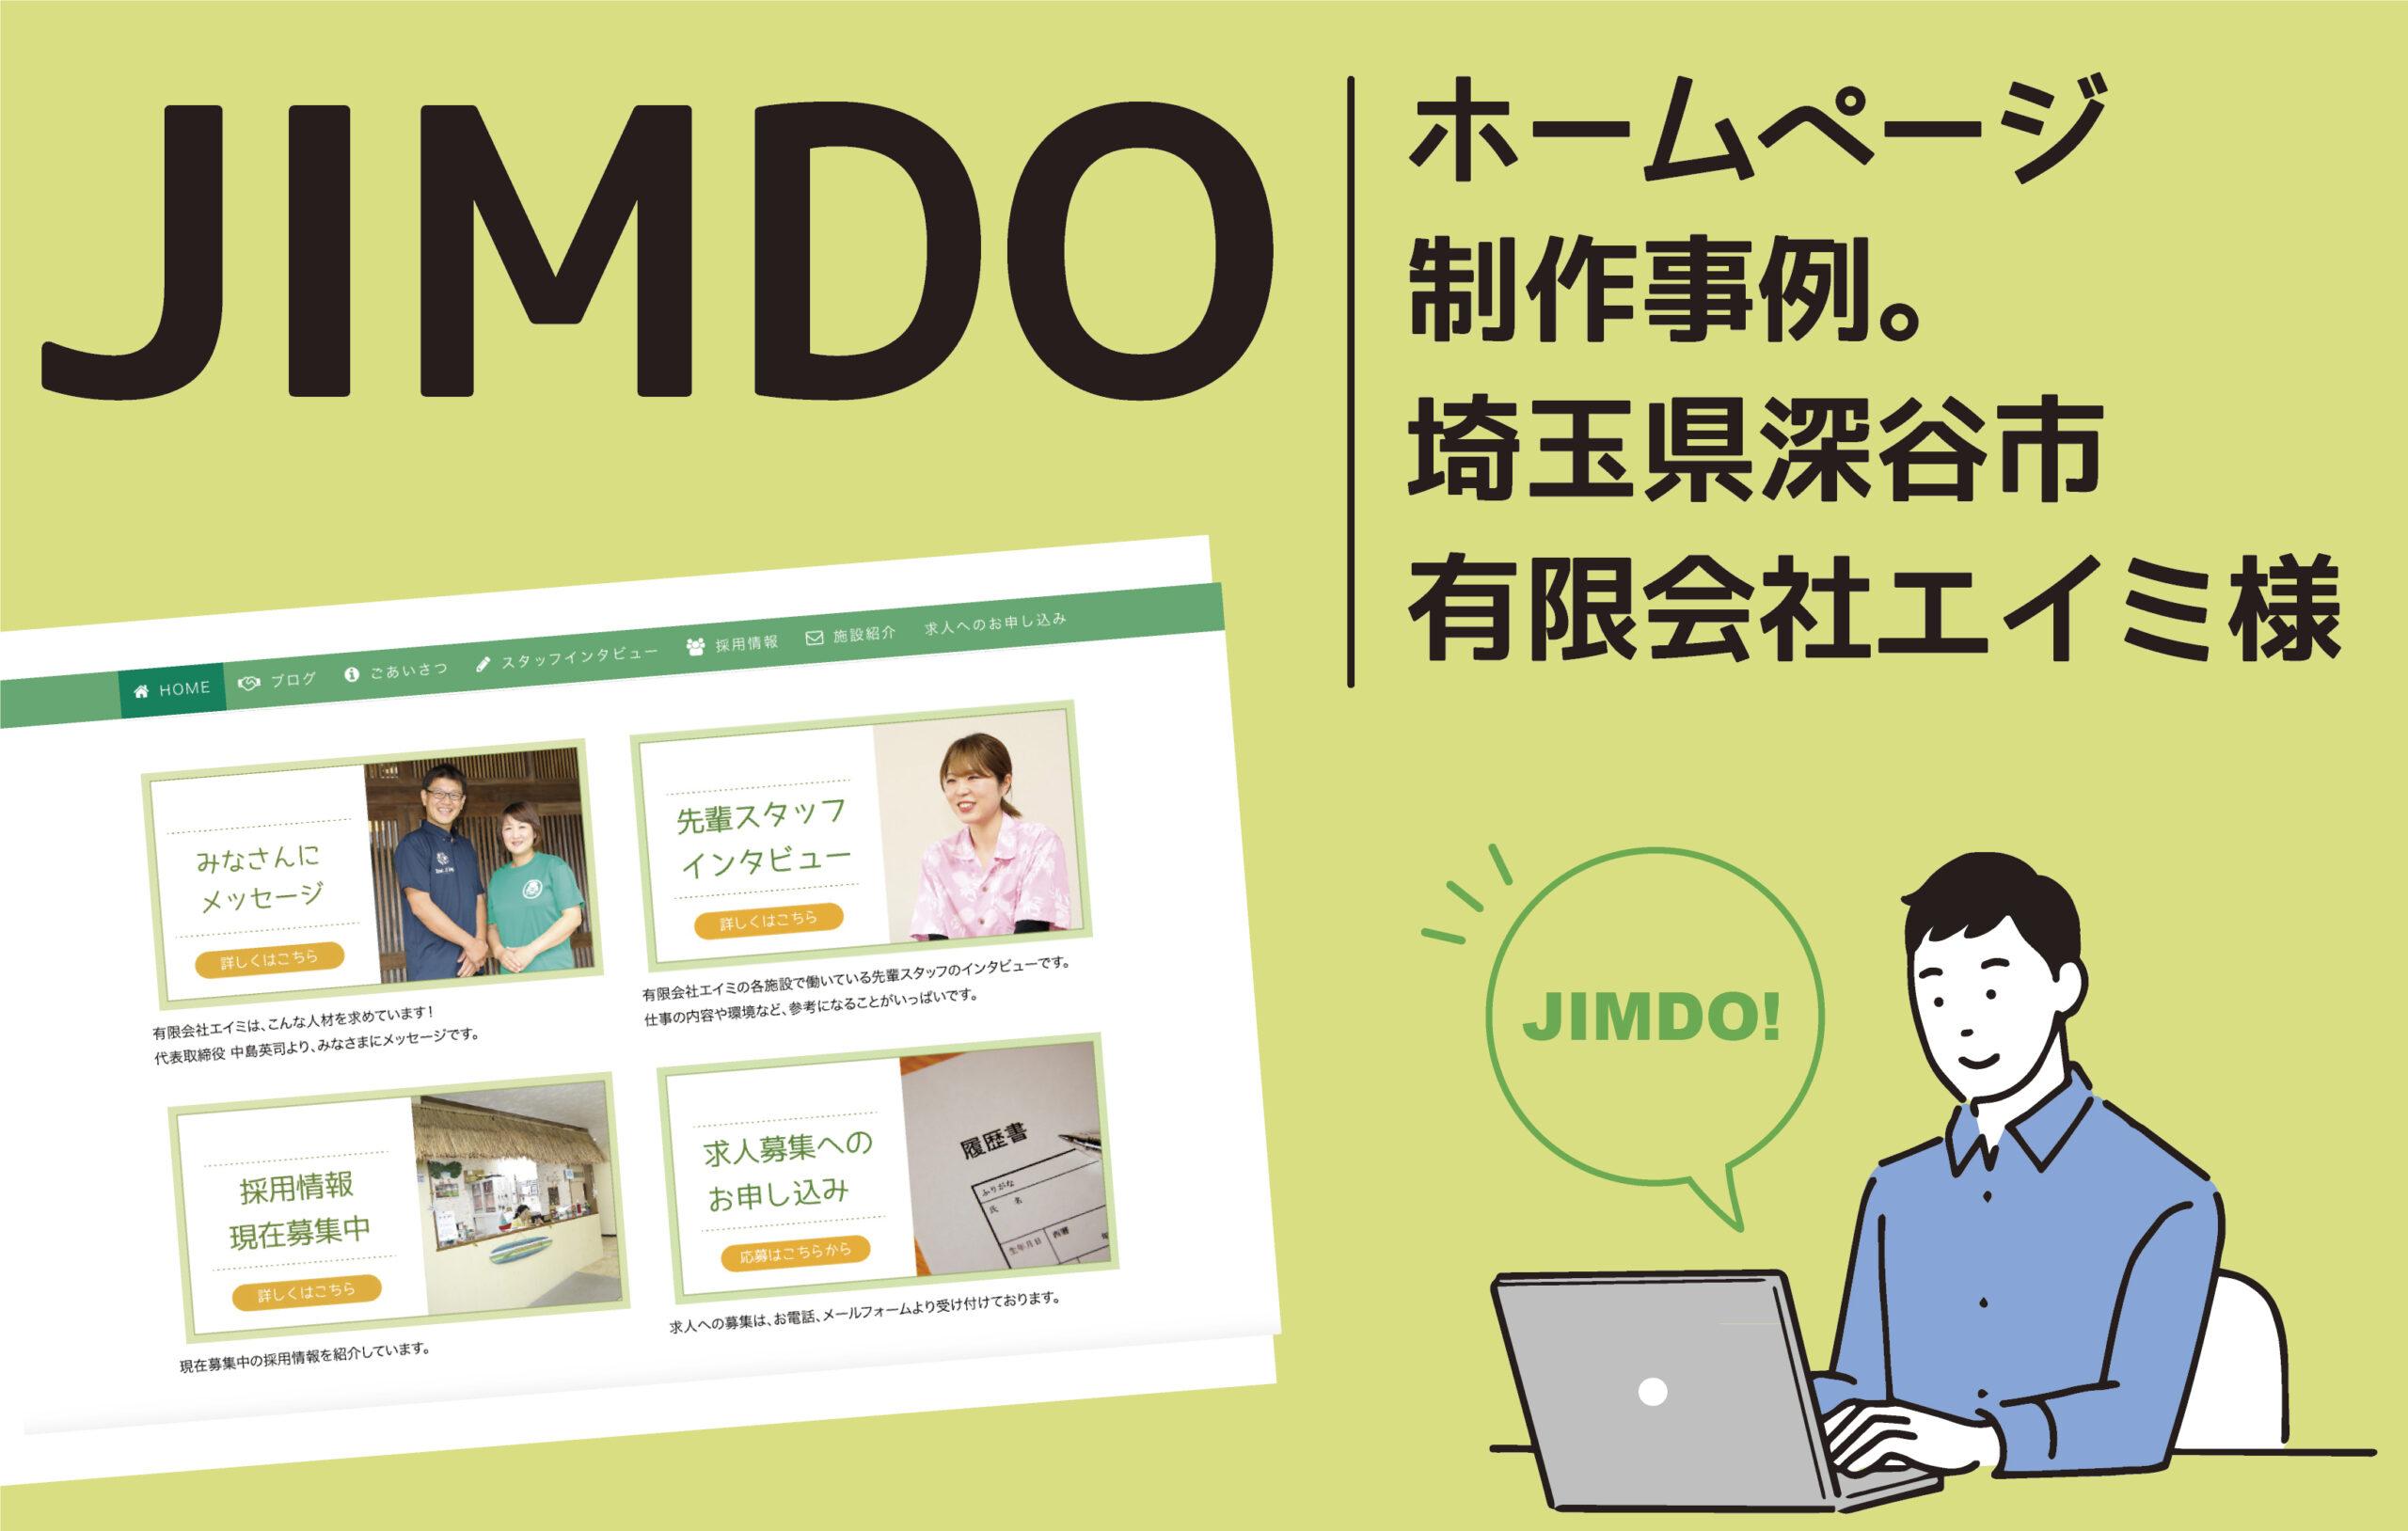 【深谷市】有限会社エイミ様Jimdoホームページ制作事例/リクルートサイトで採用活動をパワーアップ